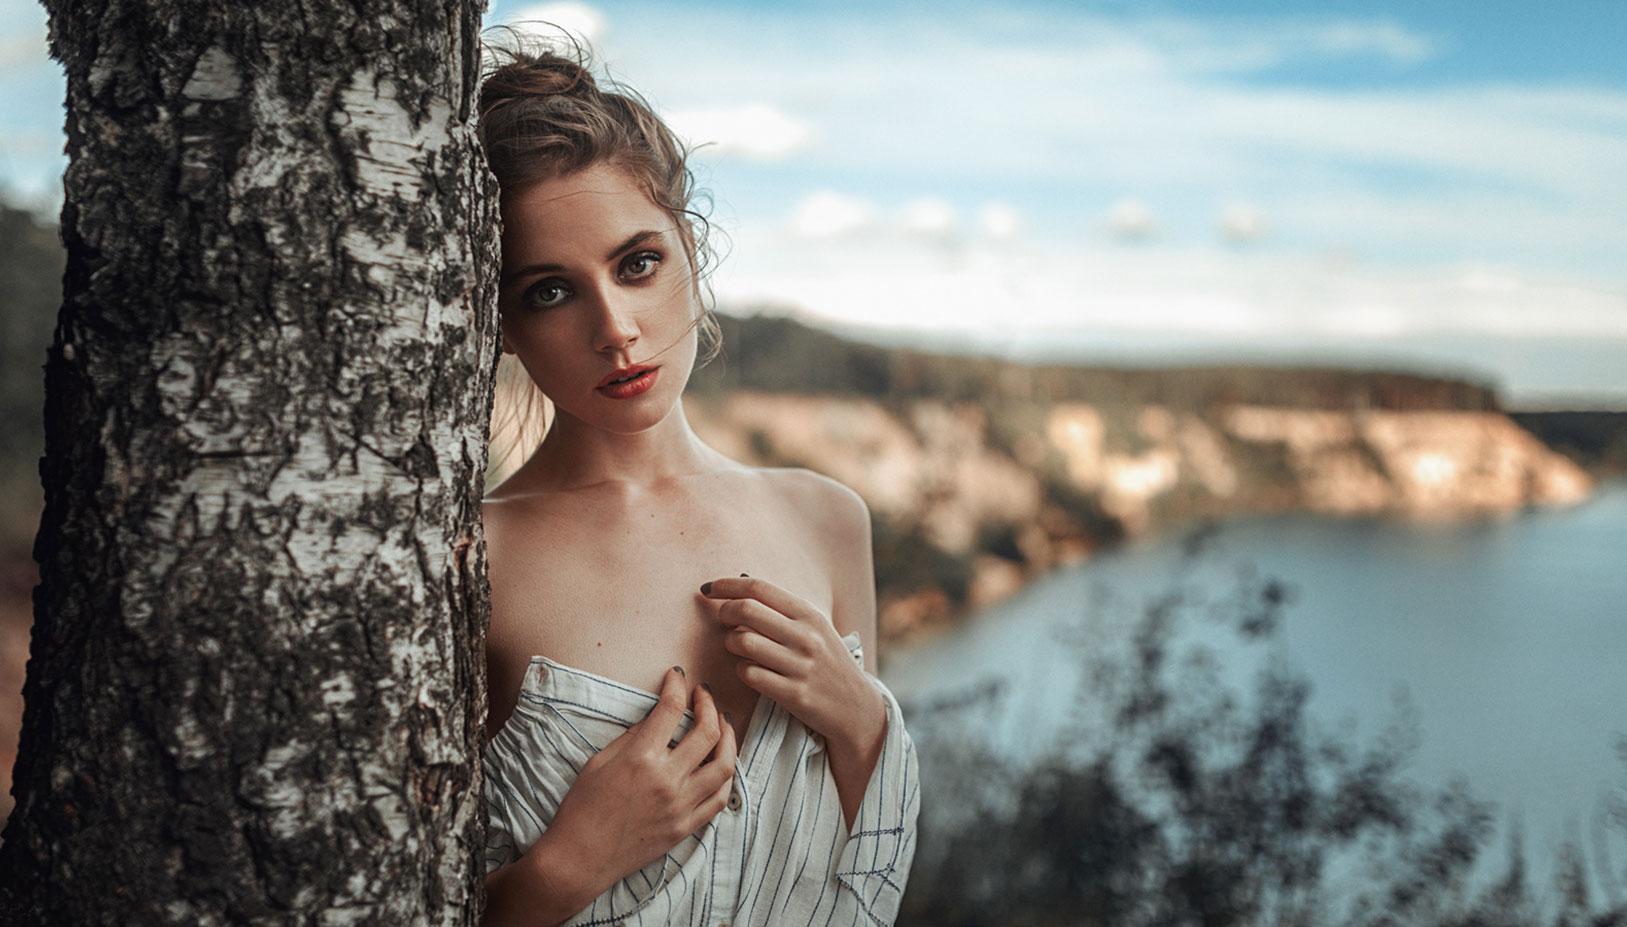 Ксения Кокорева на природе / фото 05